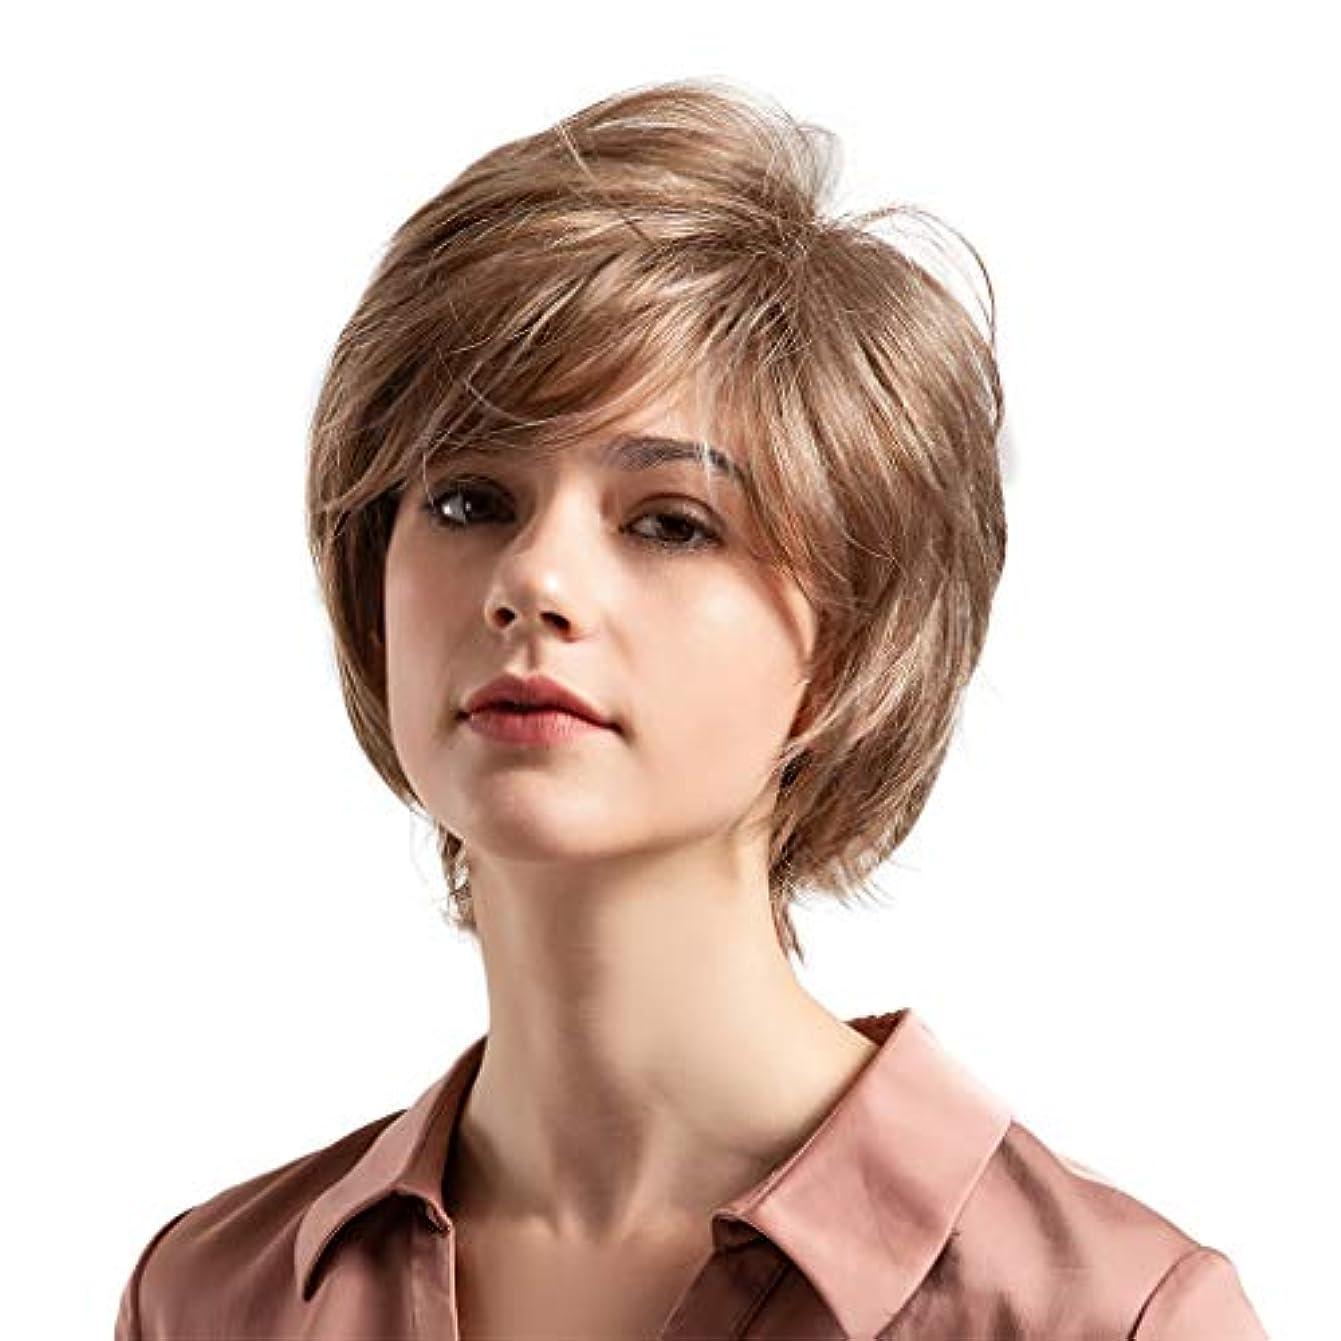 キャンプ故障肯定的薄茶色の混合色の自然な巻き毛の短い髪の かつら